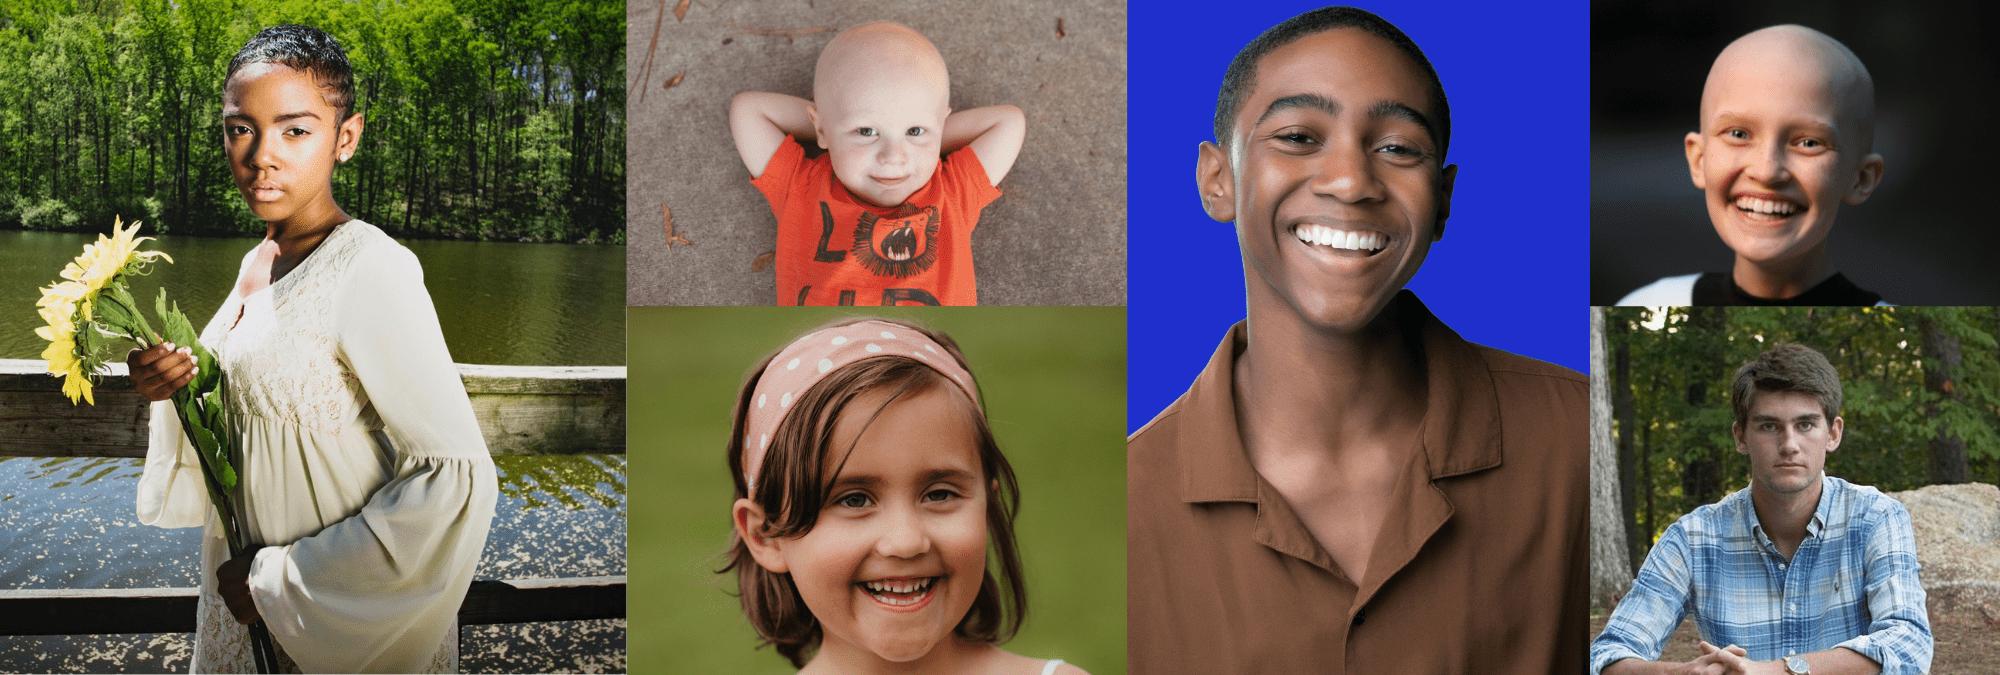 19 Ways to Help Children Fighting Cancer